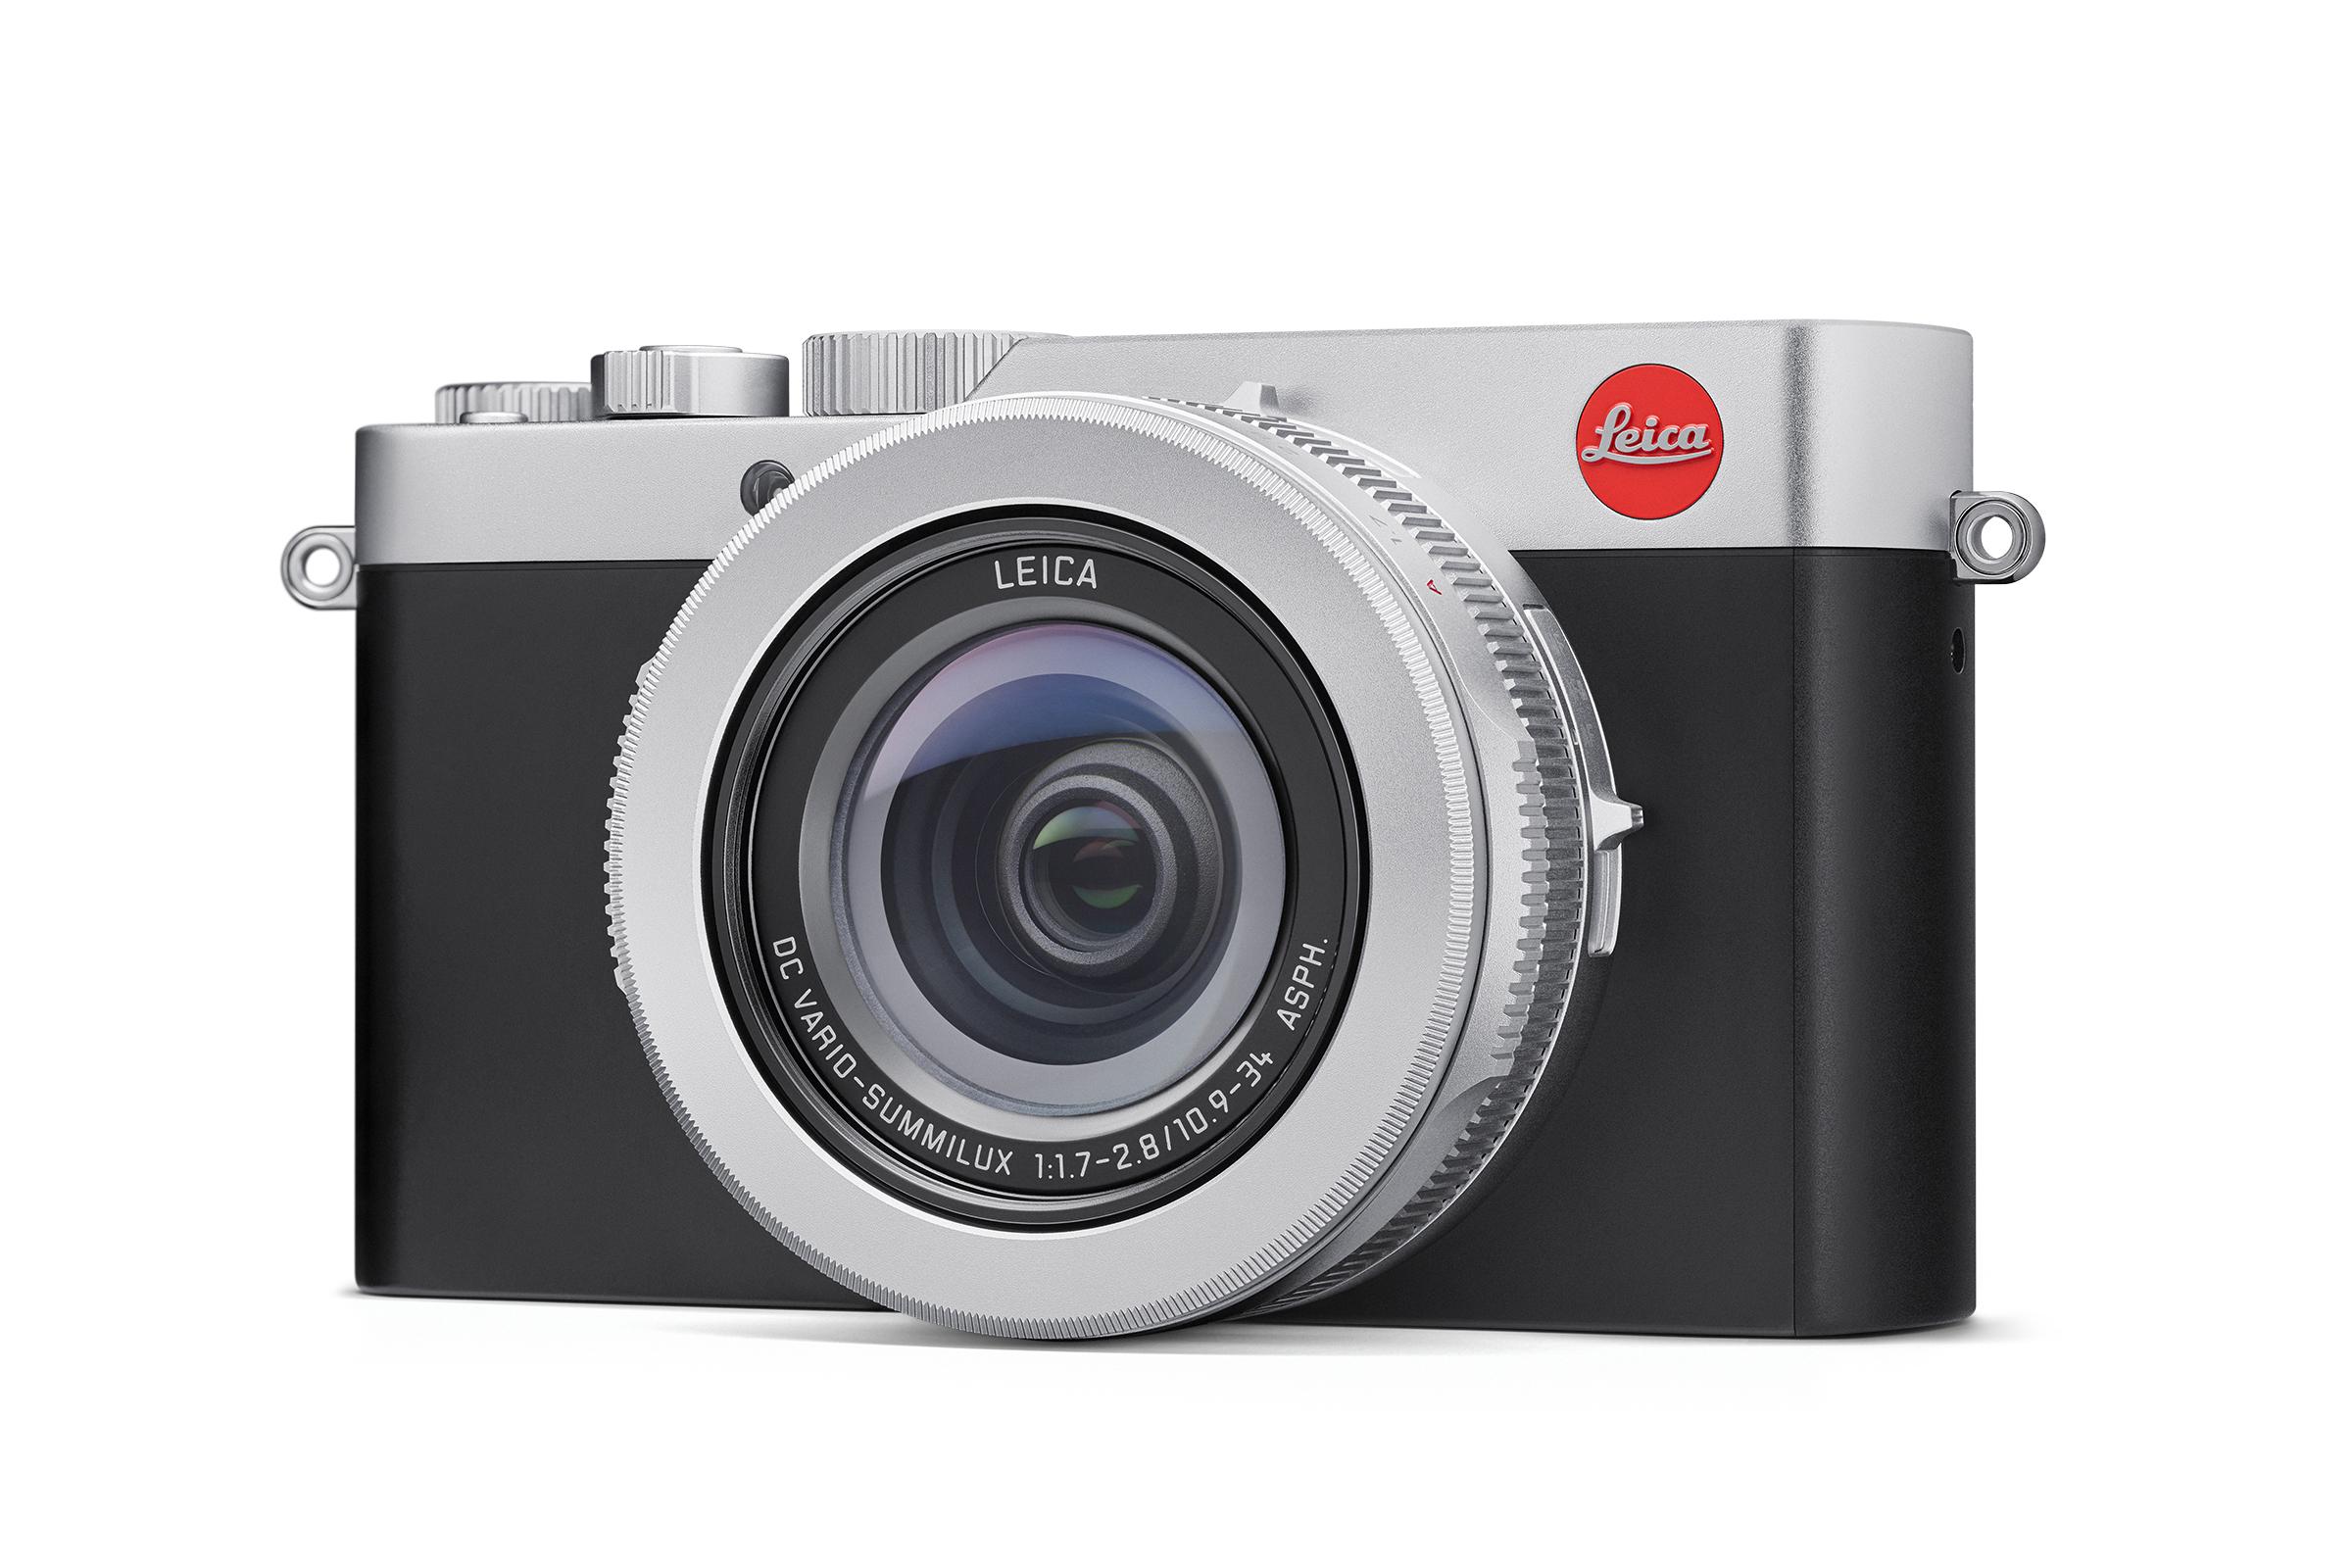 徕卡 D-Lux 7: 高性能便携相机